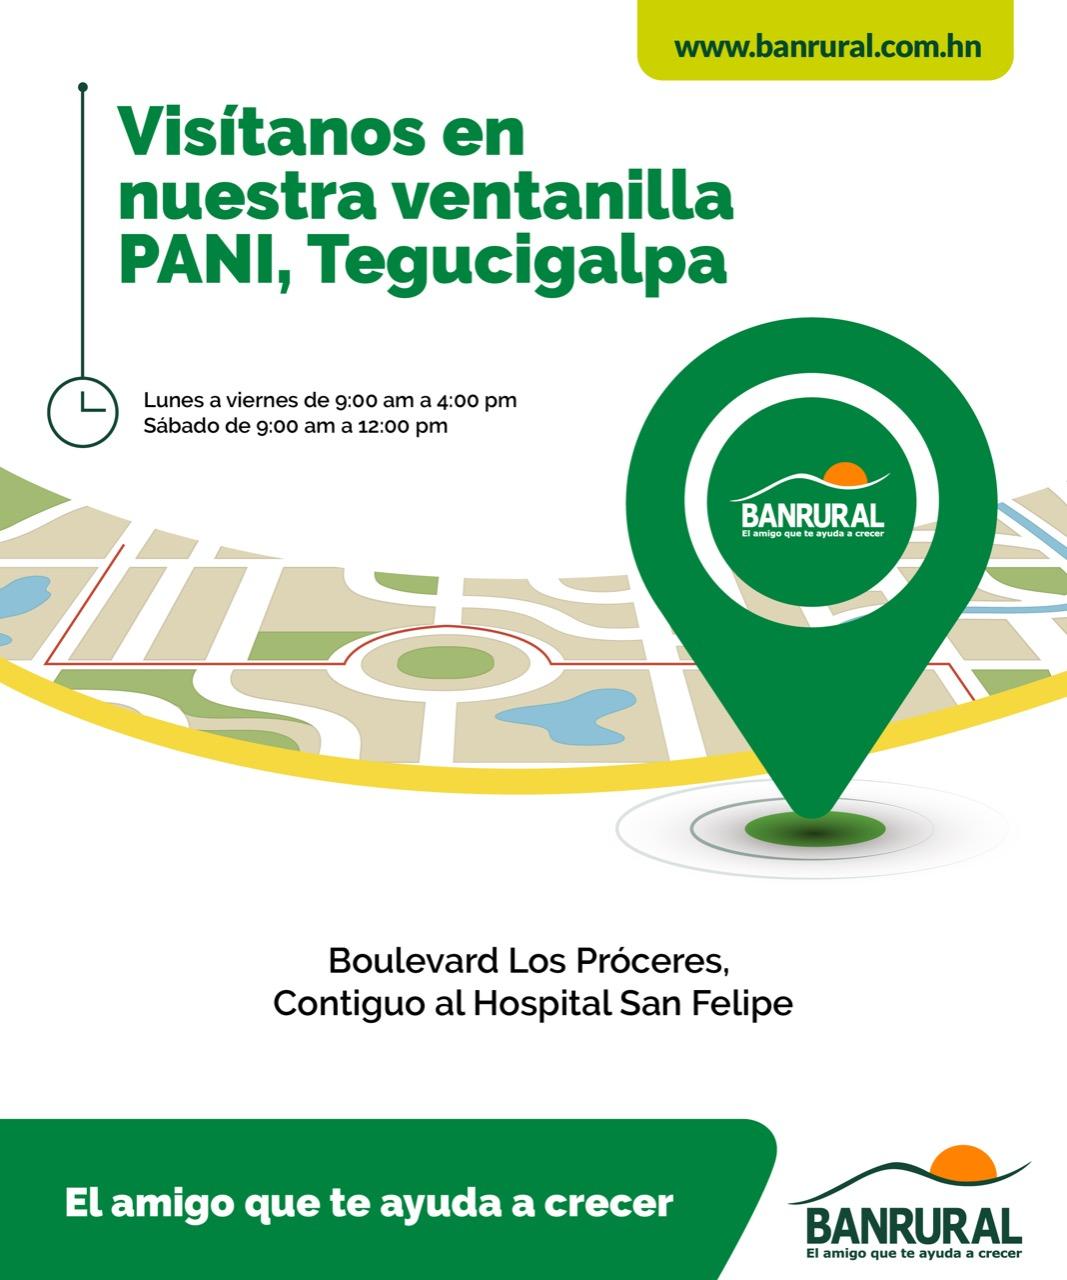 Boulevard Los Próceres, Contiguo al Hospital San Felipe